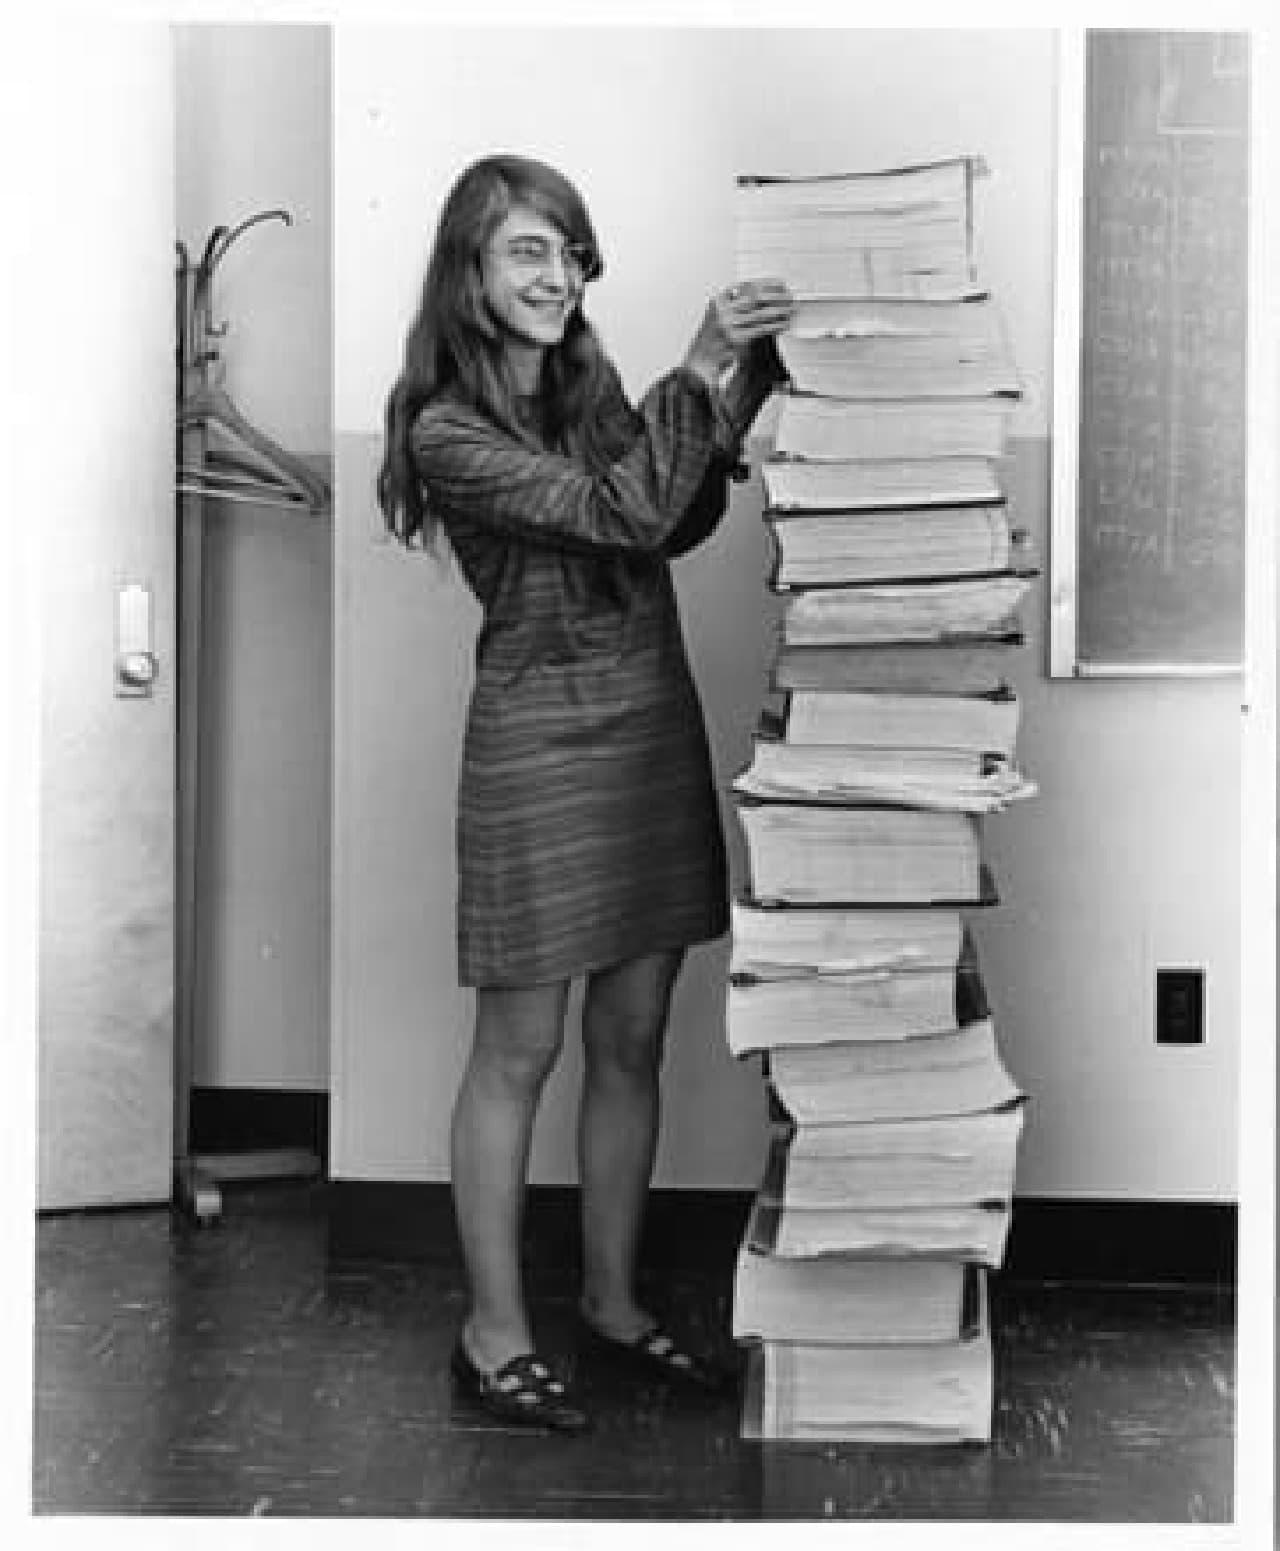 Margaret Hamilton from NASA